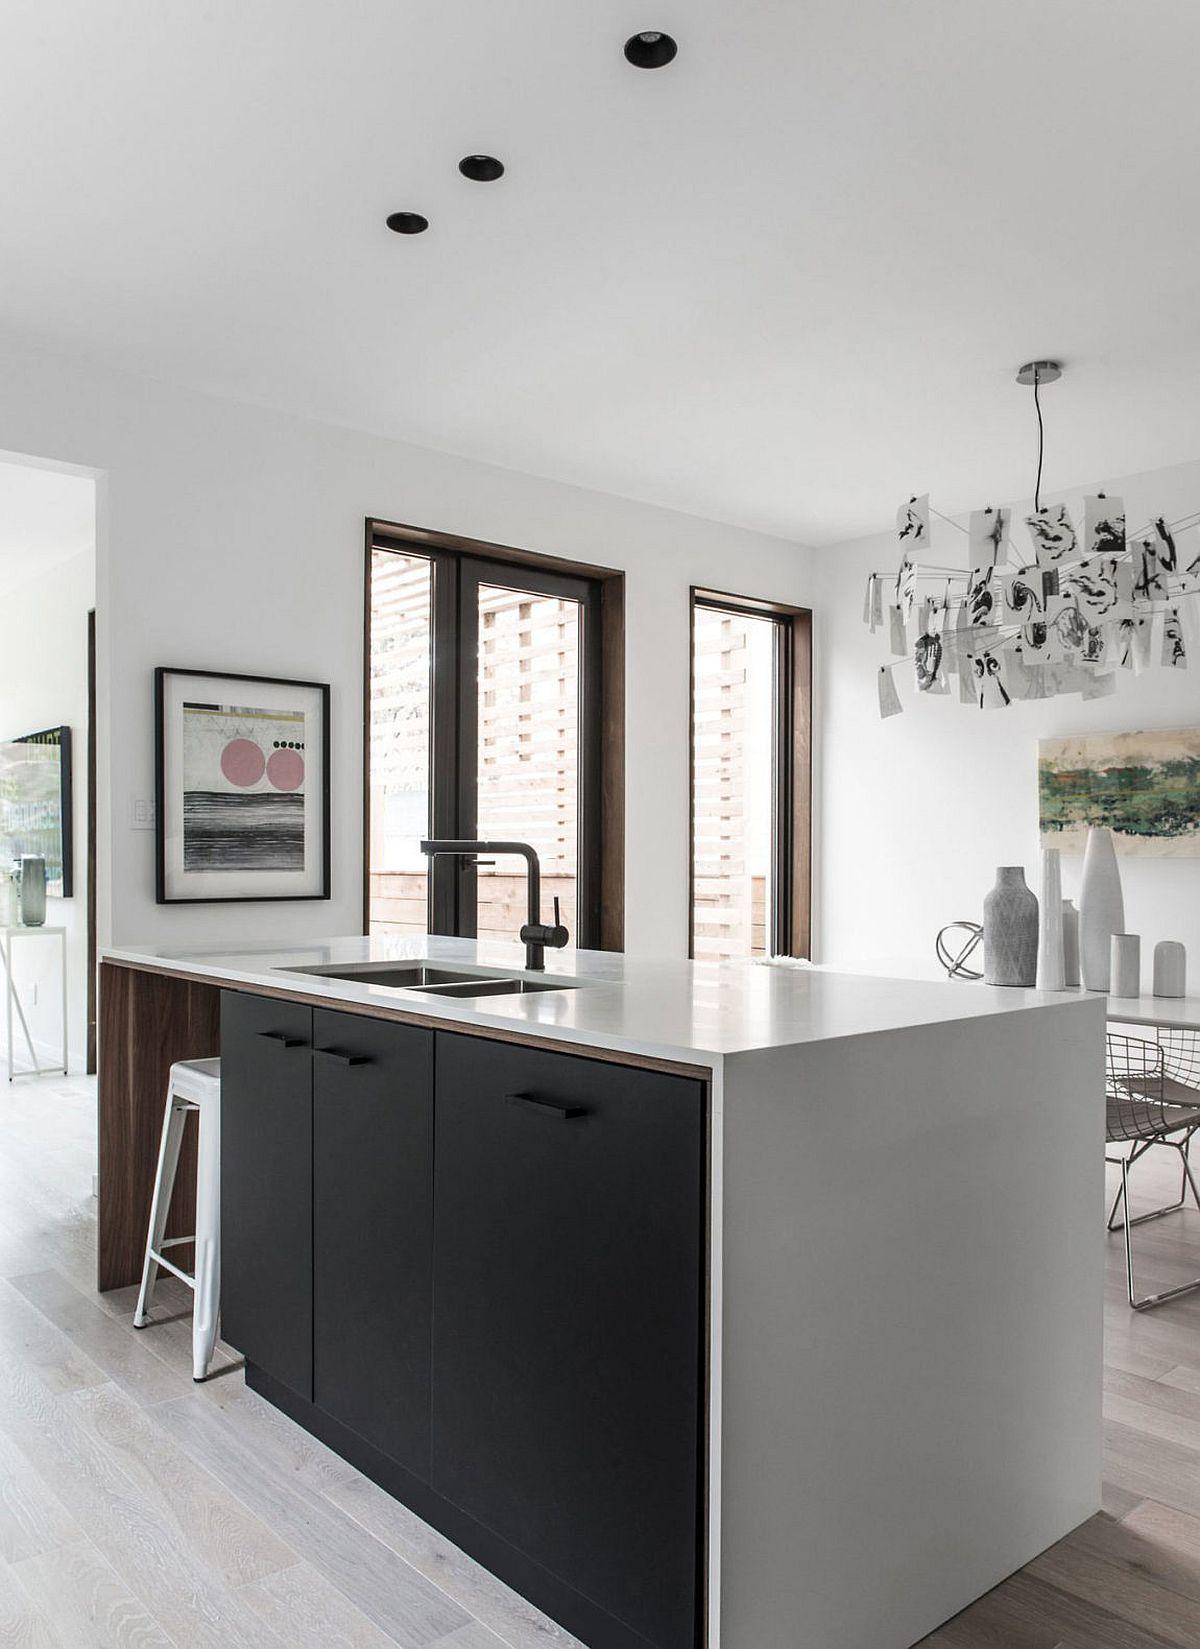 Kitchen-island-in-white-with-dark-cabinets